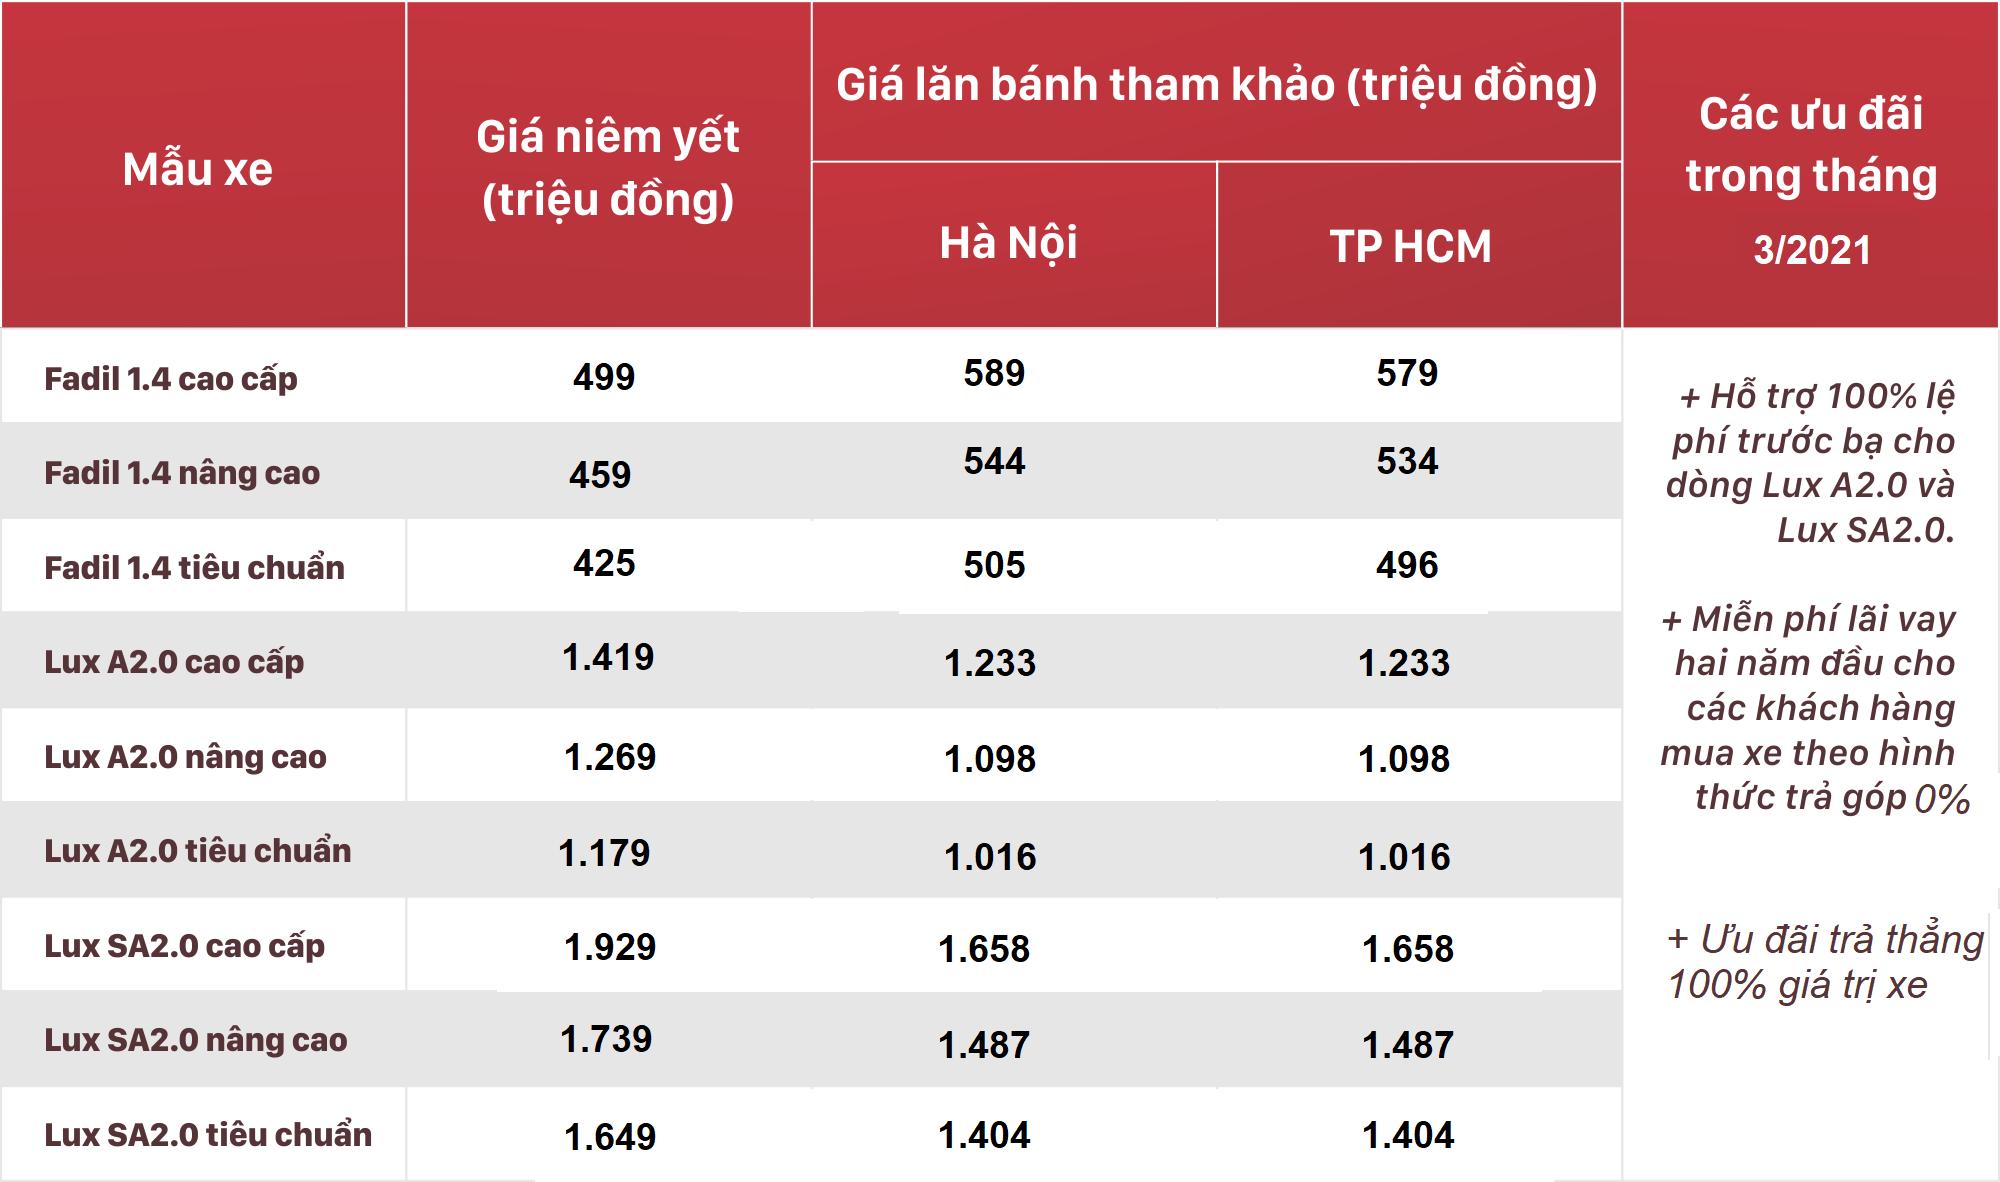 Bảng giá xe VinFast tháng 3/2021: Ưu đãi 100% lệ phí trước bạ tiếp tục duy trì - Ảnh 1.